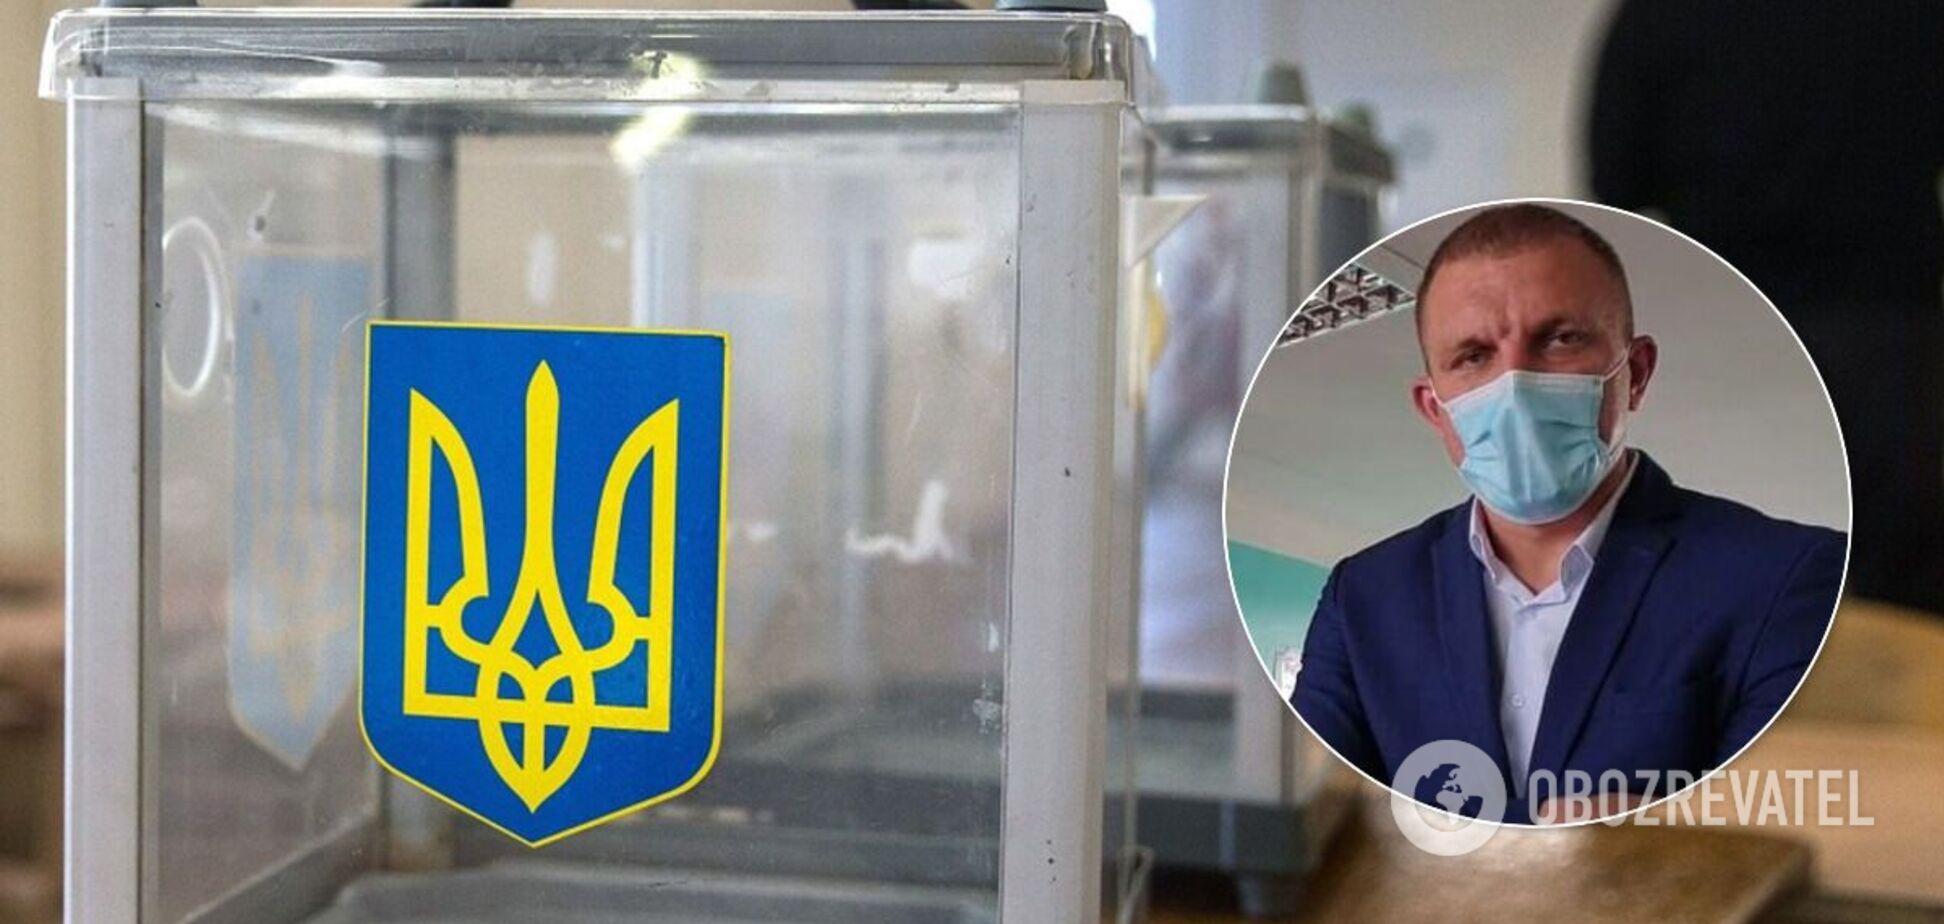 Под Днепром кандидат в депутаты от 'Слуги народа' набросился с кулаками на журналистку на избирательном участке